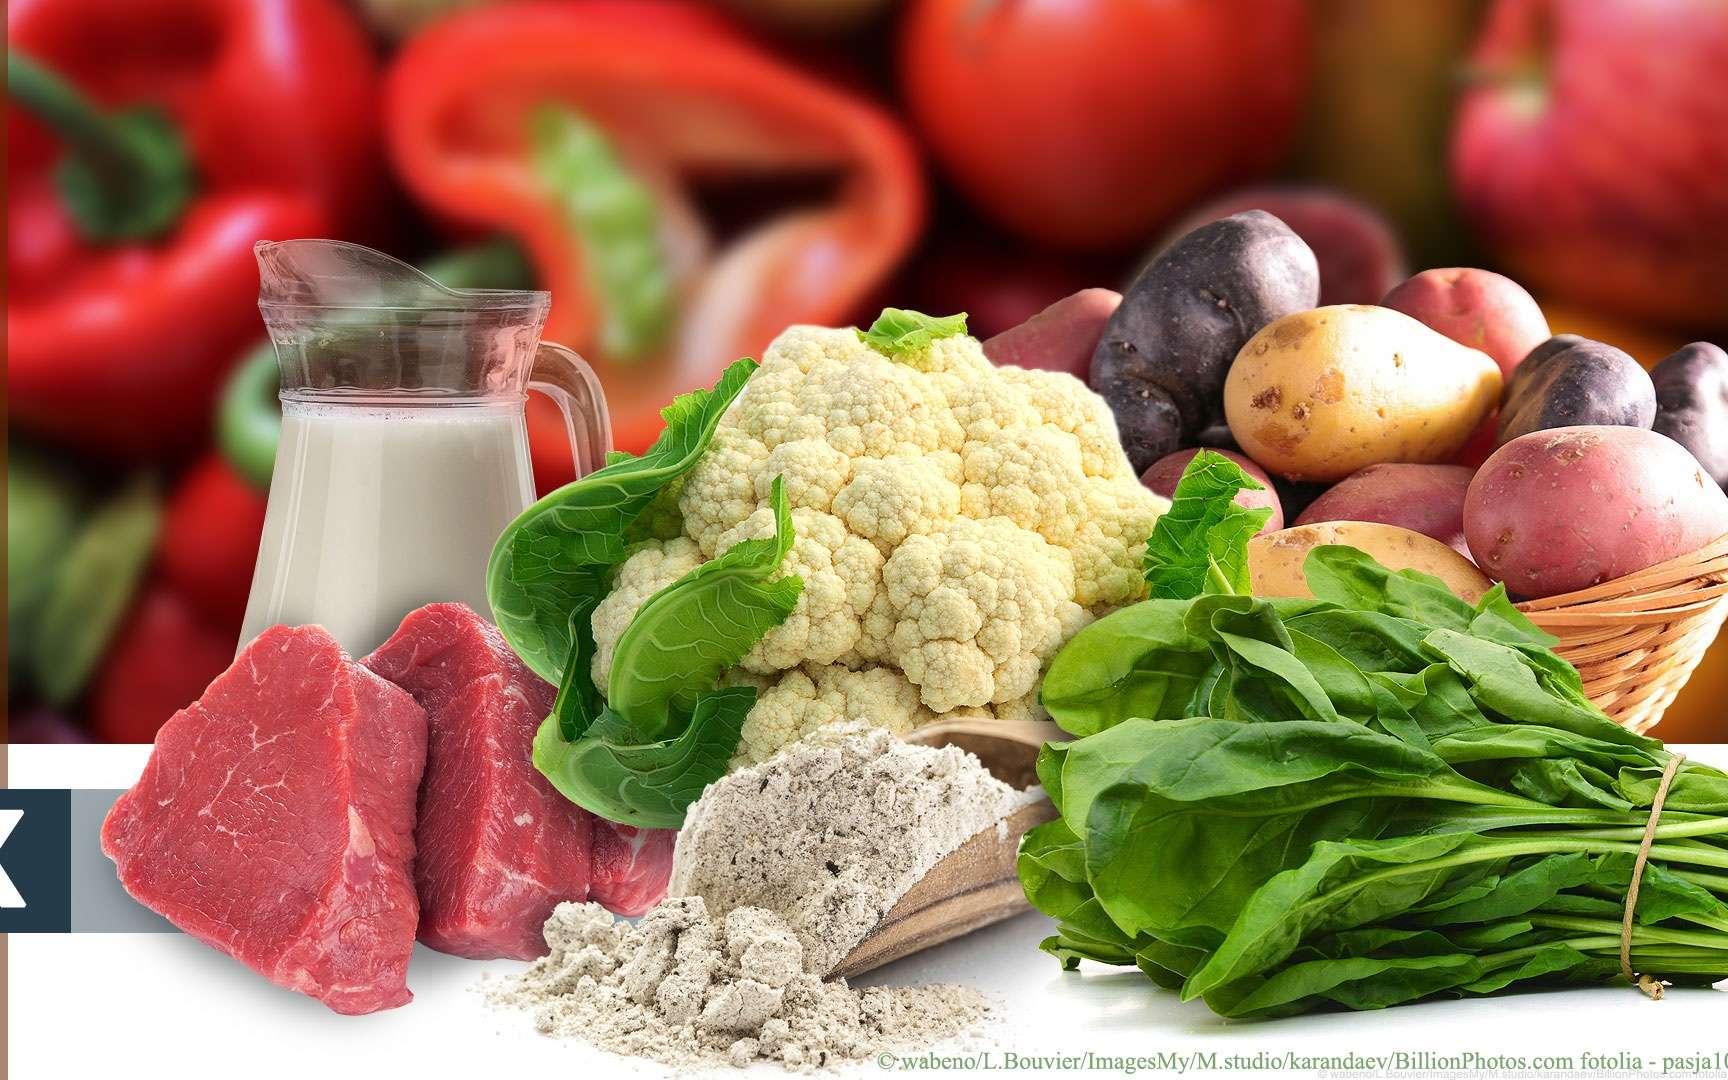 La vitamine K se trouve dans les légumes verts à feuille, choux, les produits laitiers, la viande. © wabeno, L.Bouvier, ImagesMy, M.studio, karandaev, BillionPhotos.com fotolia, pasja1000